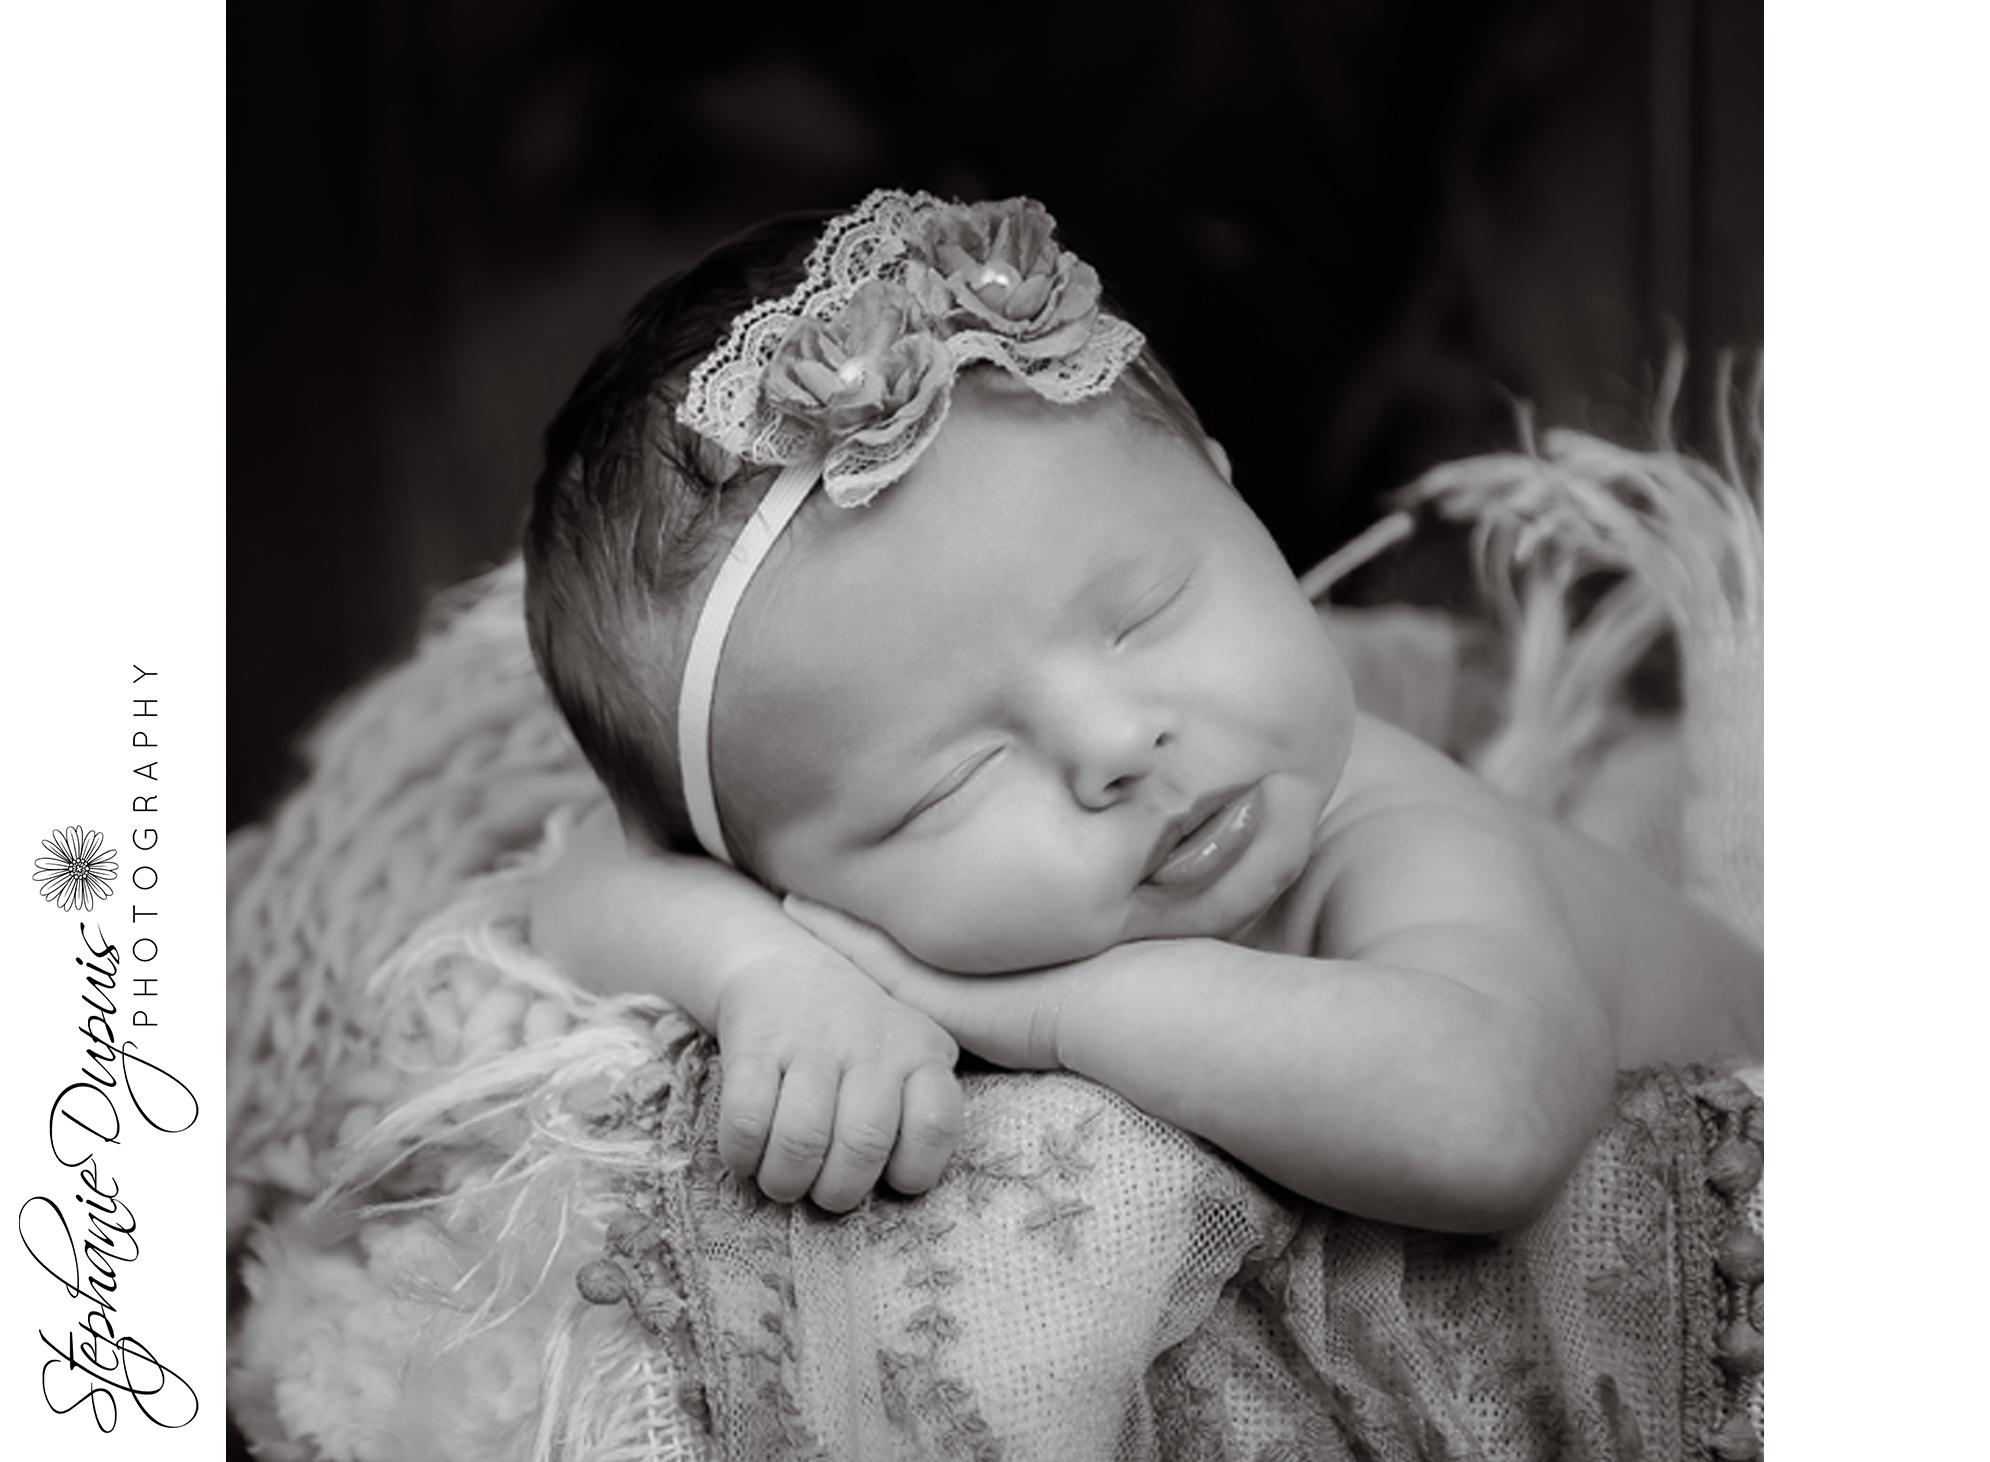 Abbott 8 - Portfolio: Khloe Newborn Session